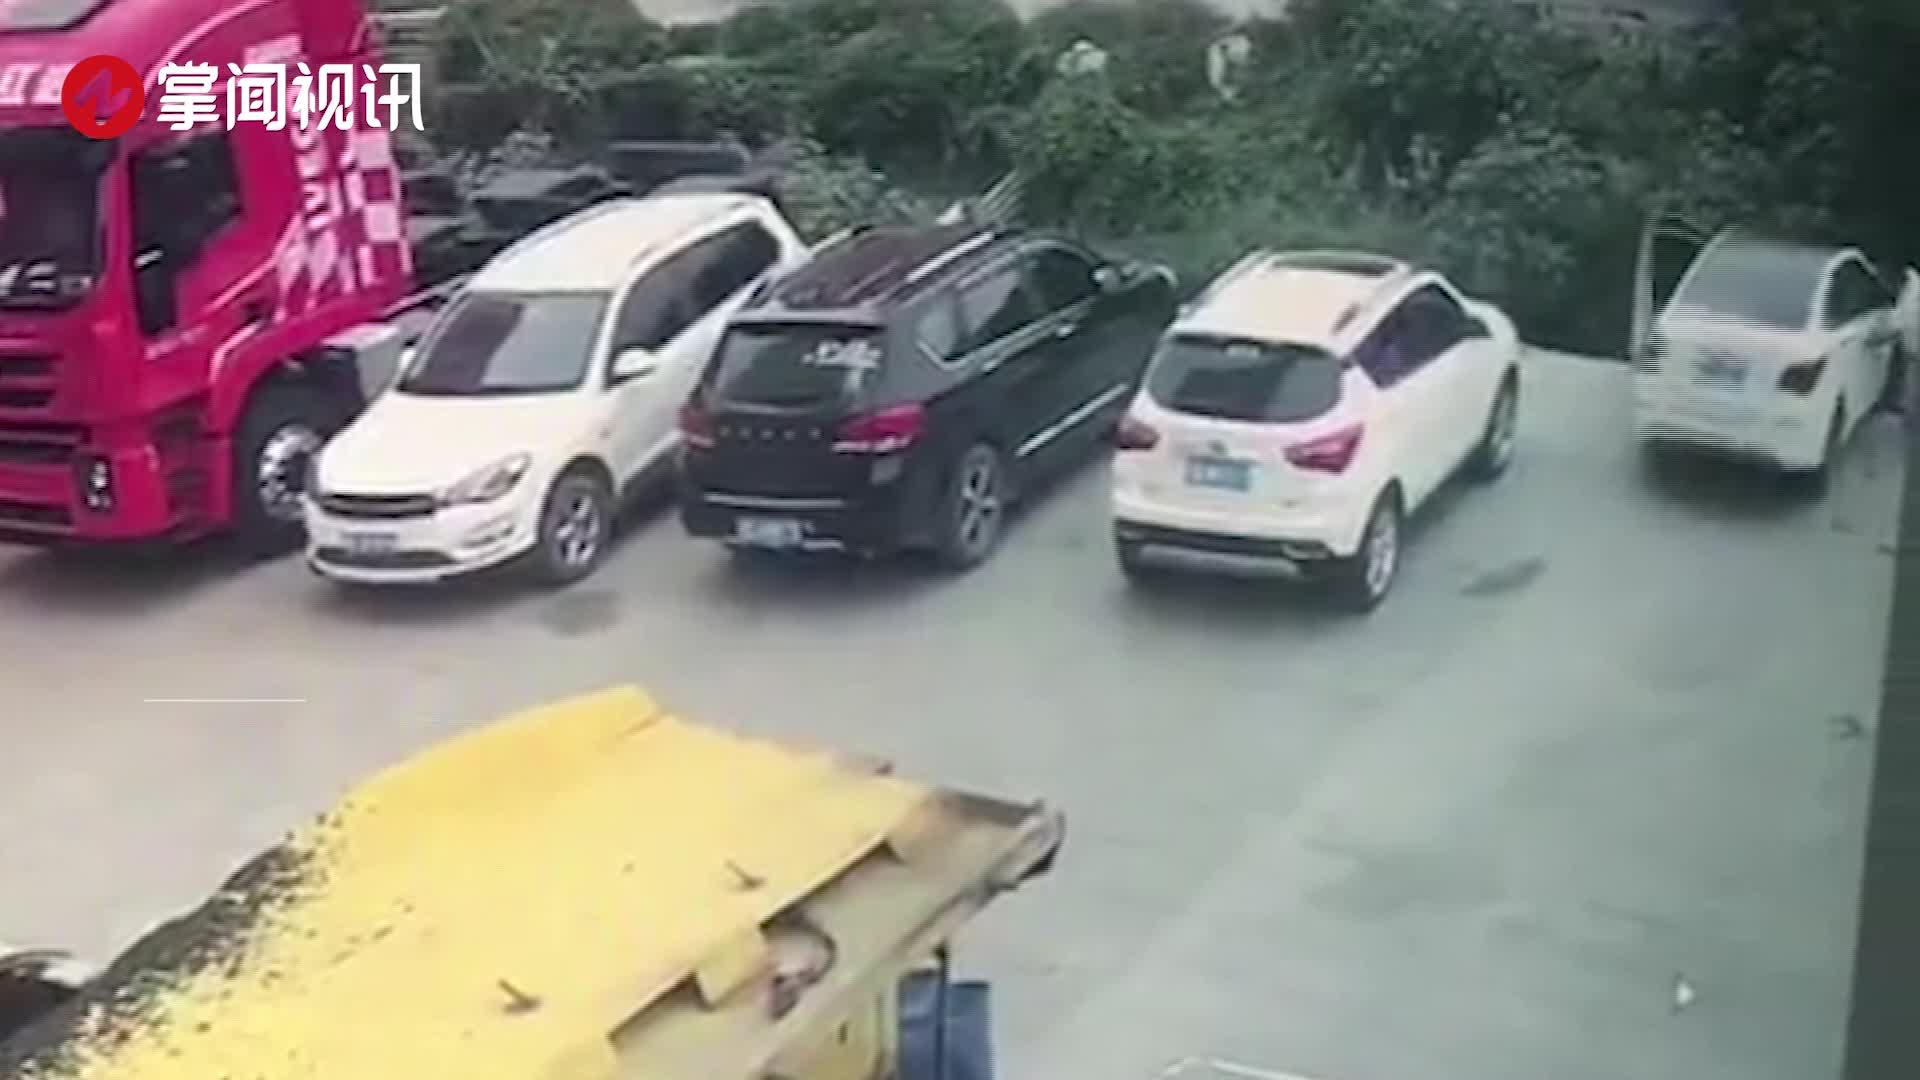 女司机停车后发现轮胎不正 上车调整结果开进河沟里